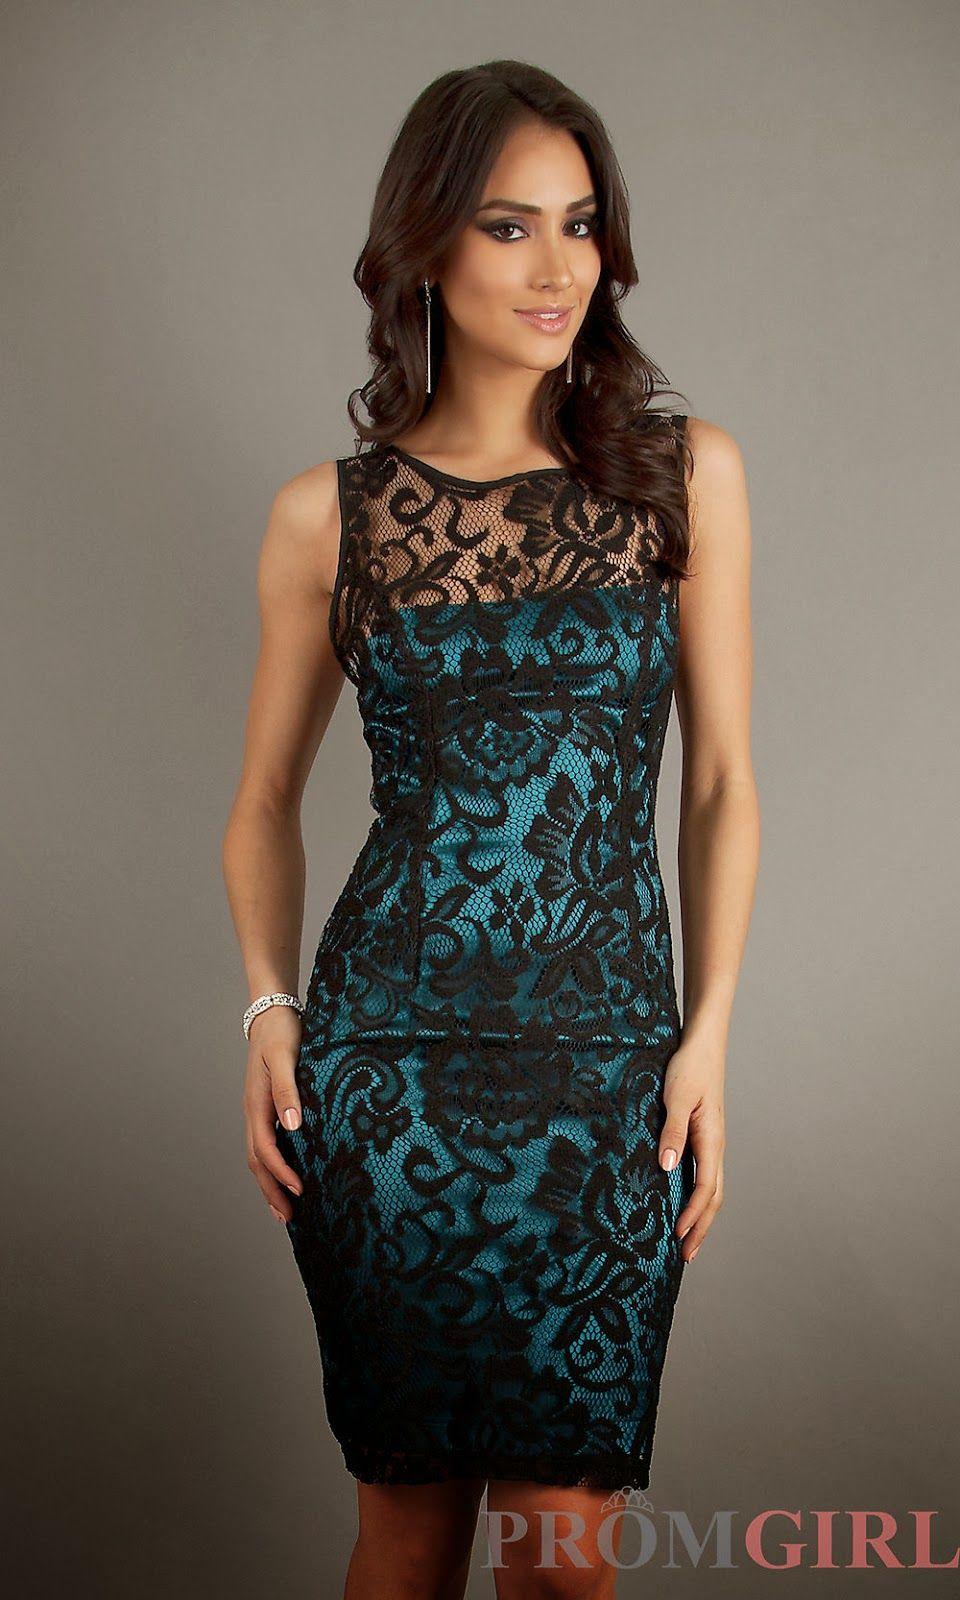 Maravillosos Vestidos De Fiesta Con Encaje Colección 2014